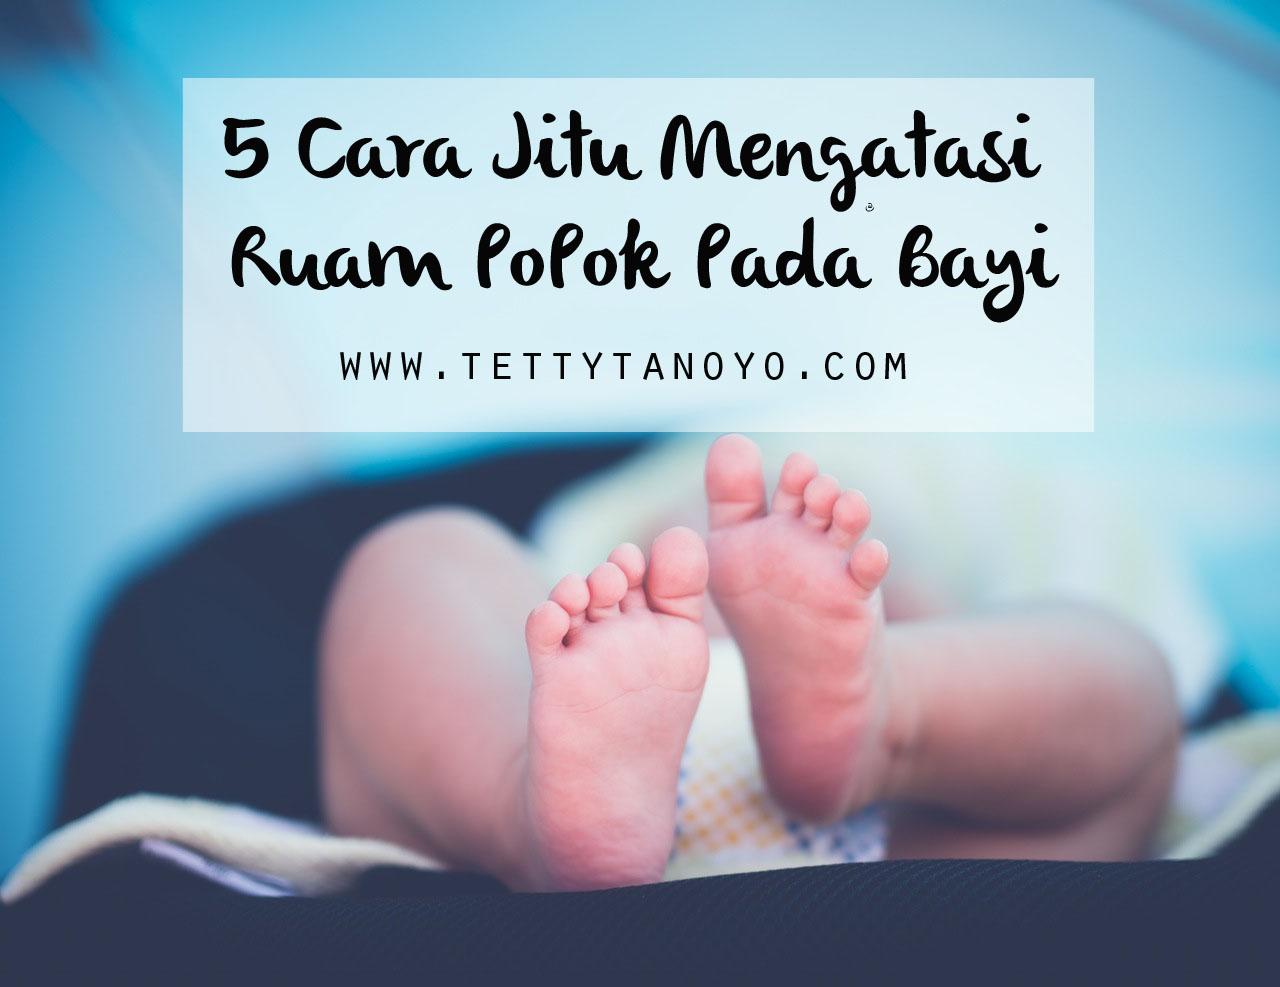 Cara Mengobati Ruam Popok Pd Bayi